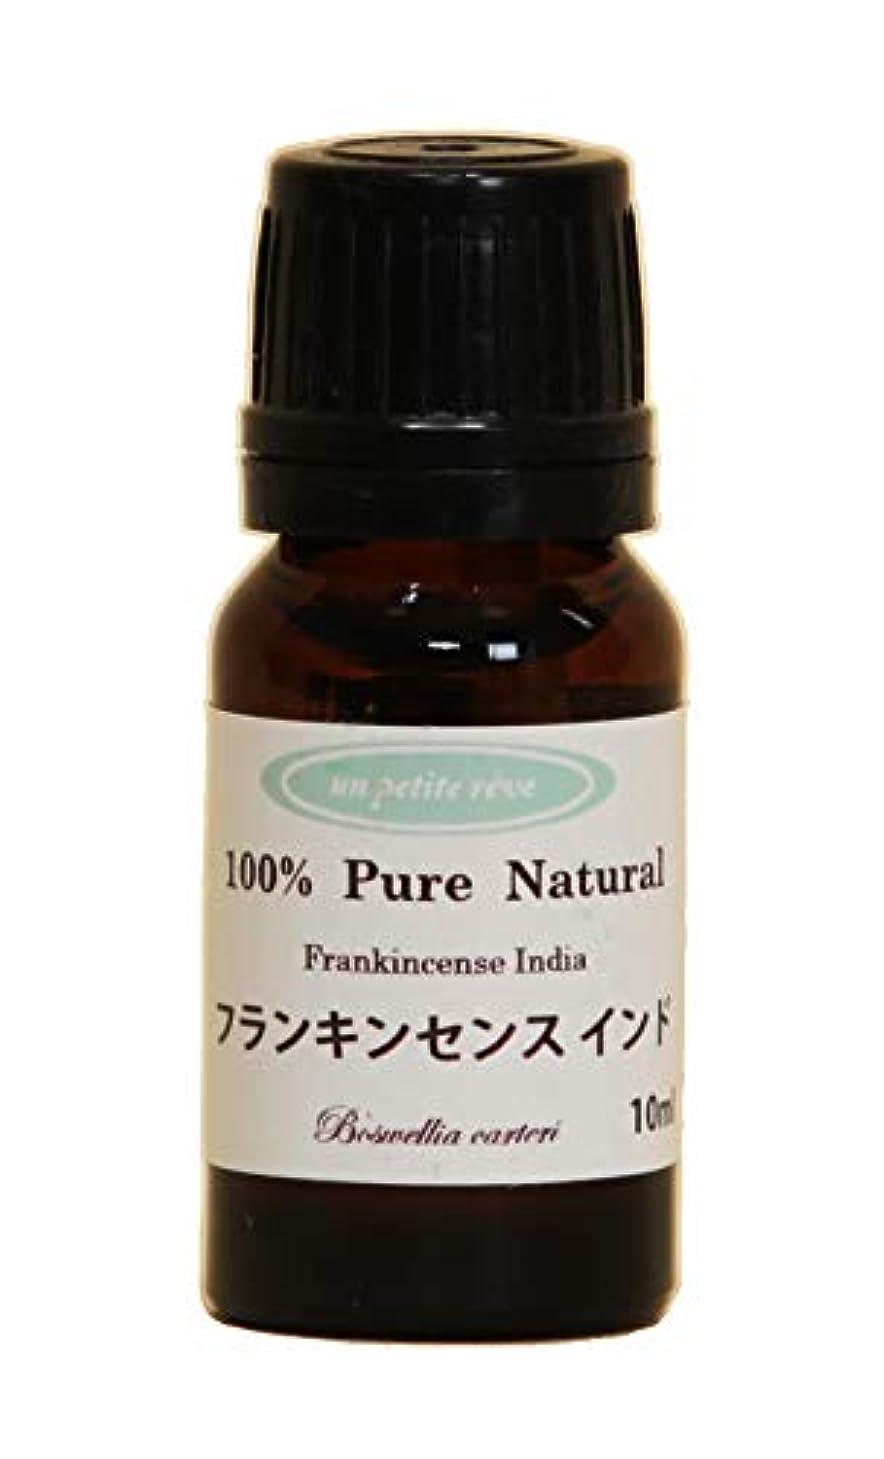 の頭の上パン屋百年フランキンセンスインド10ml 100%天然アロマエッセンシャルオイル(精油)